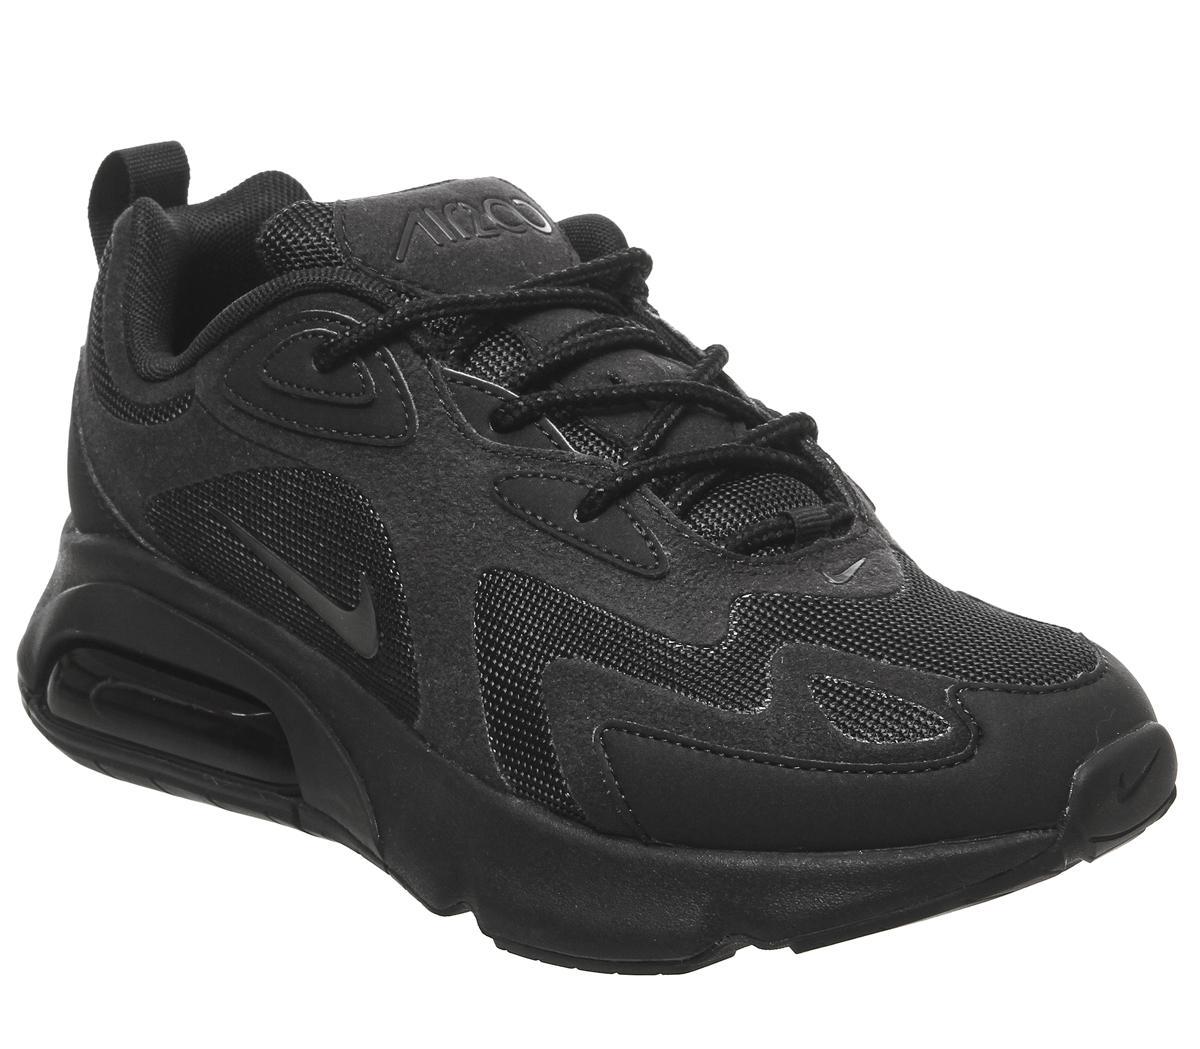 Nike Air Max 200 Trainers Black Mono